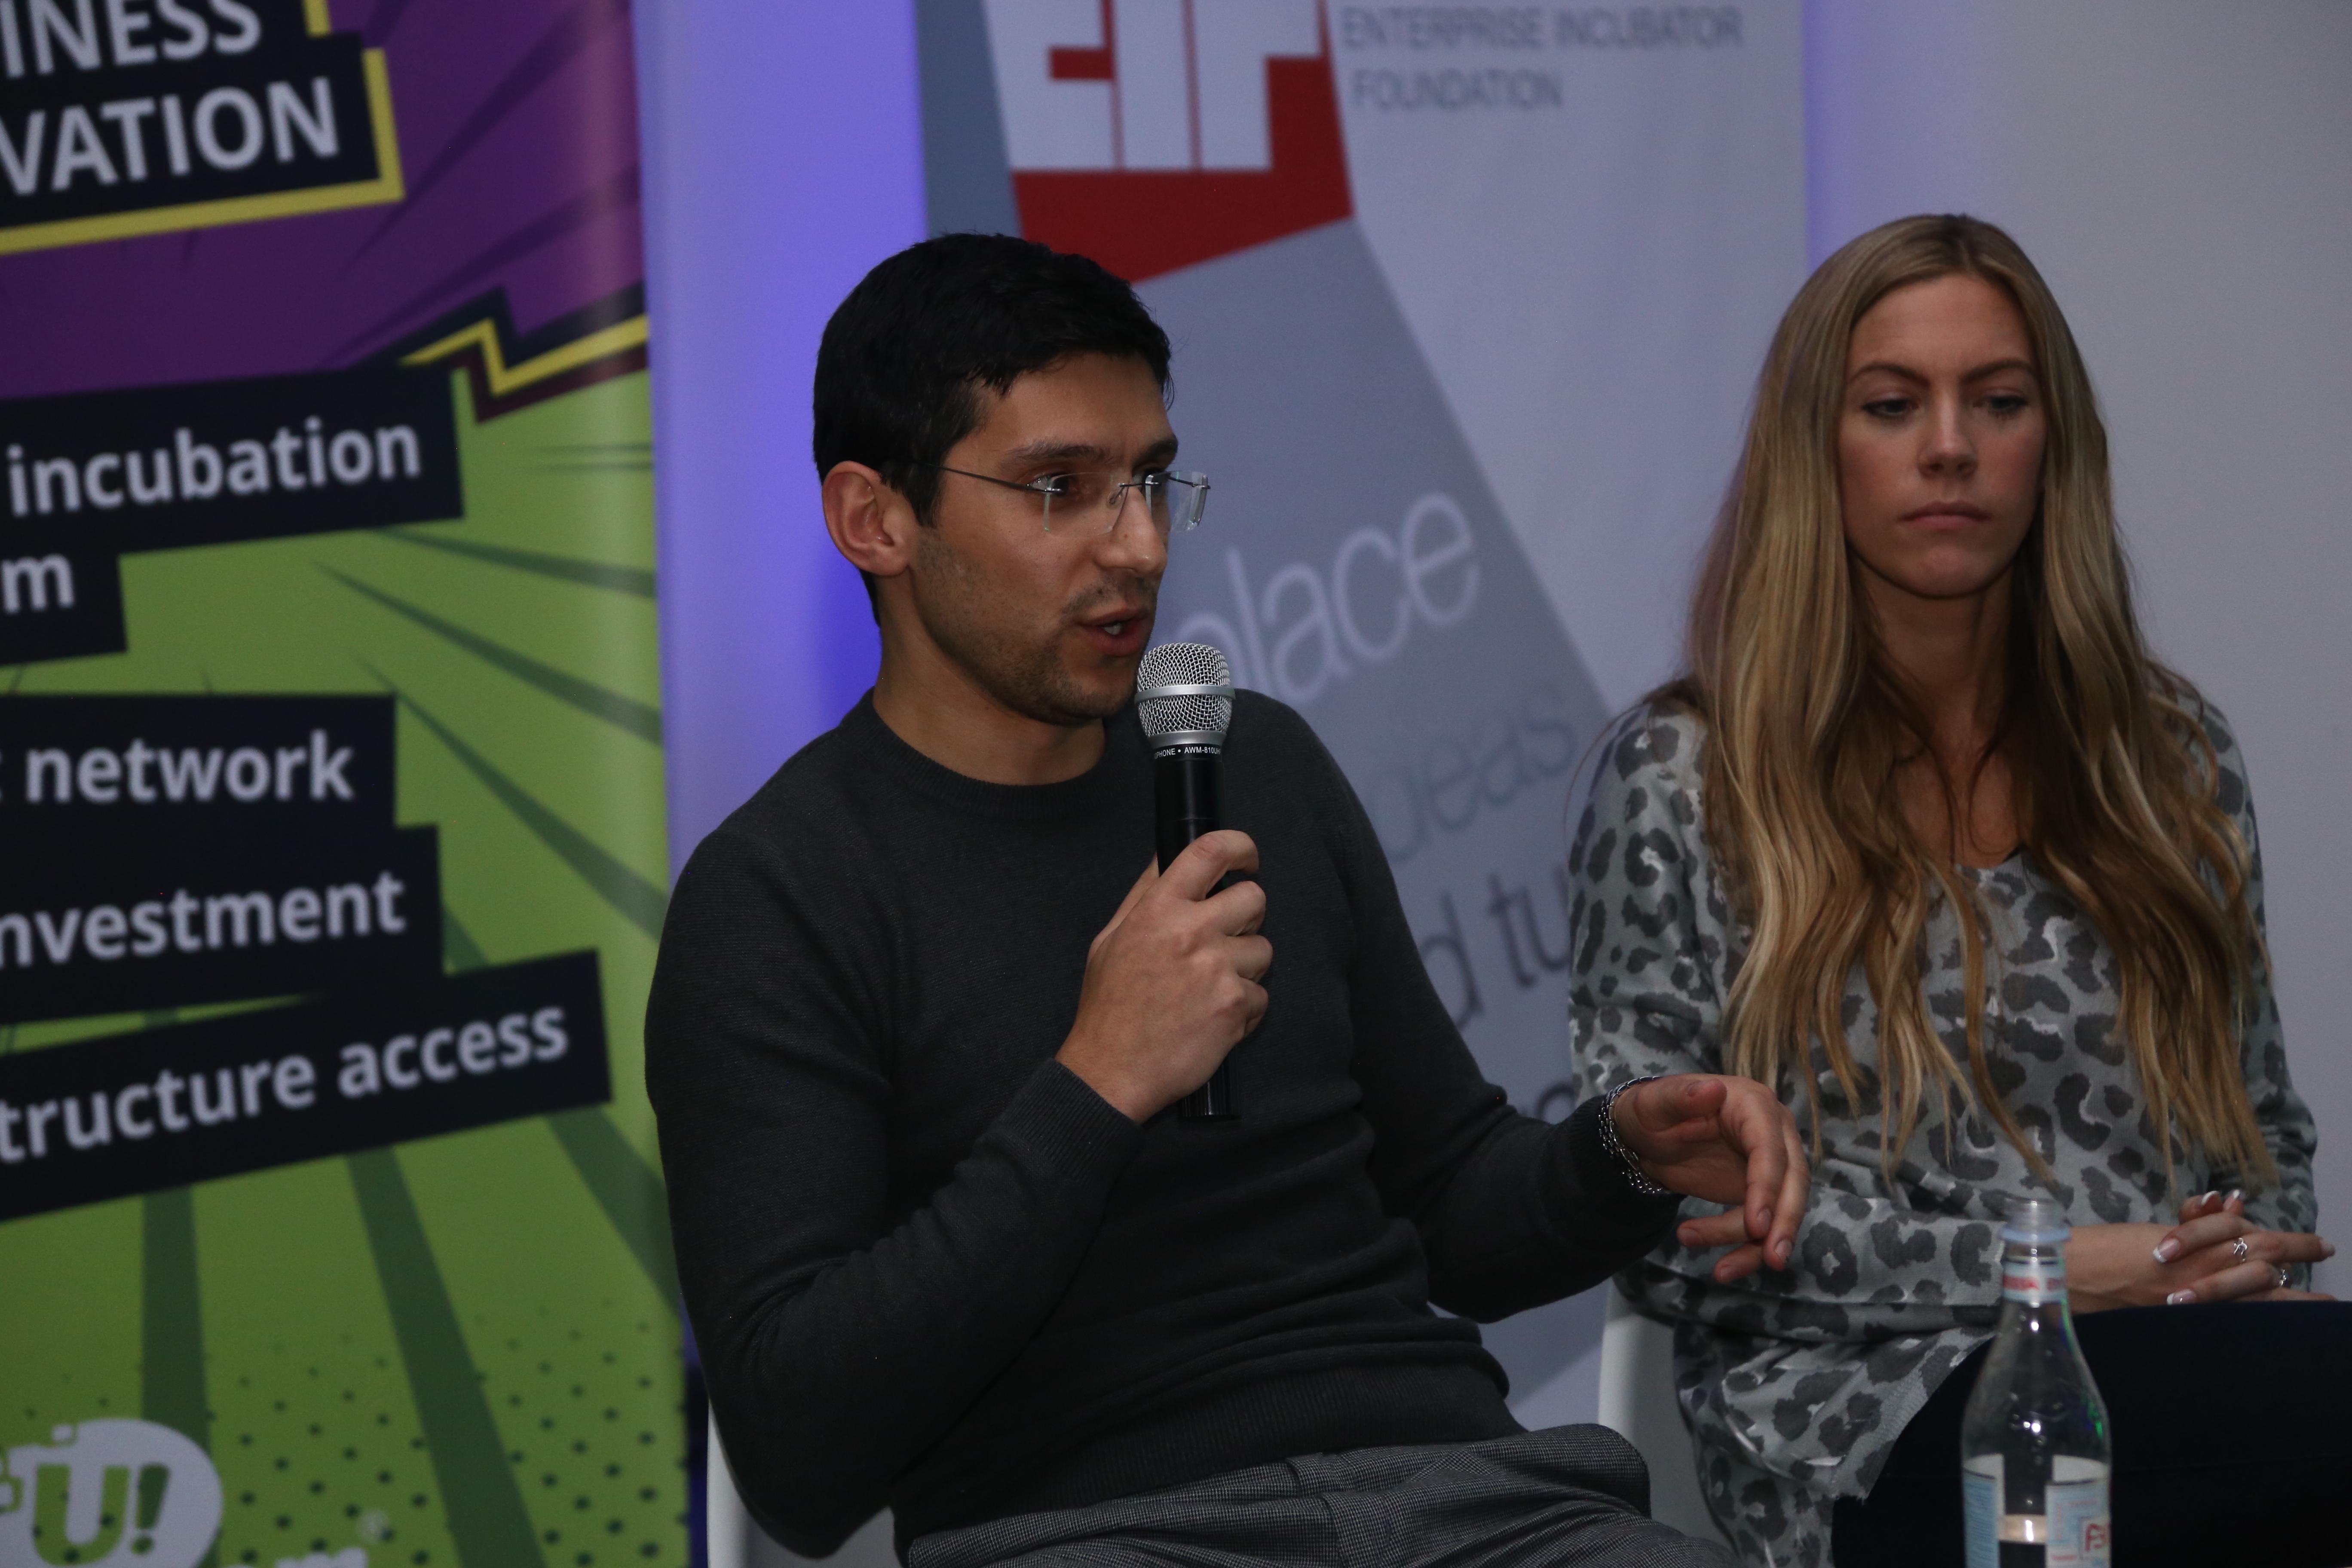 По инициативе Ucom и бизнес-школы IE состоялось мероприятие, посвященное проблеме больших данных